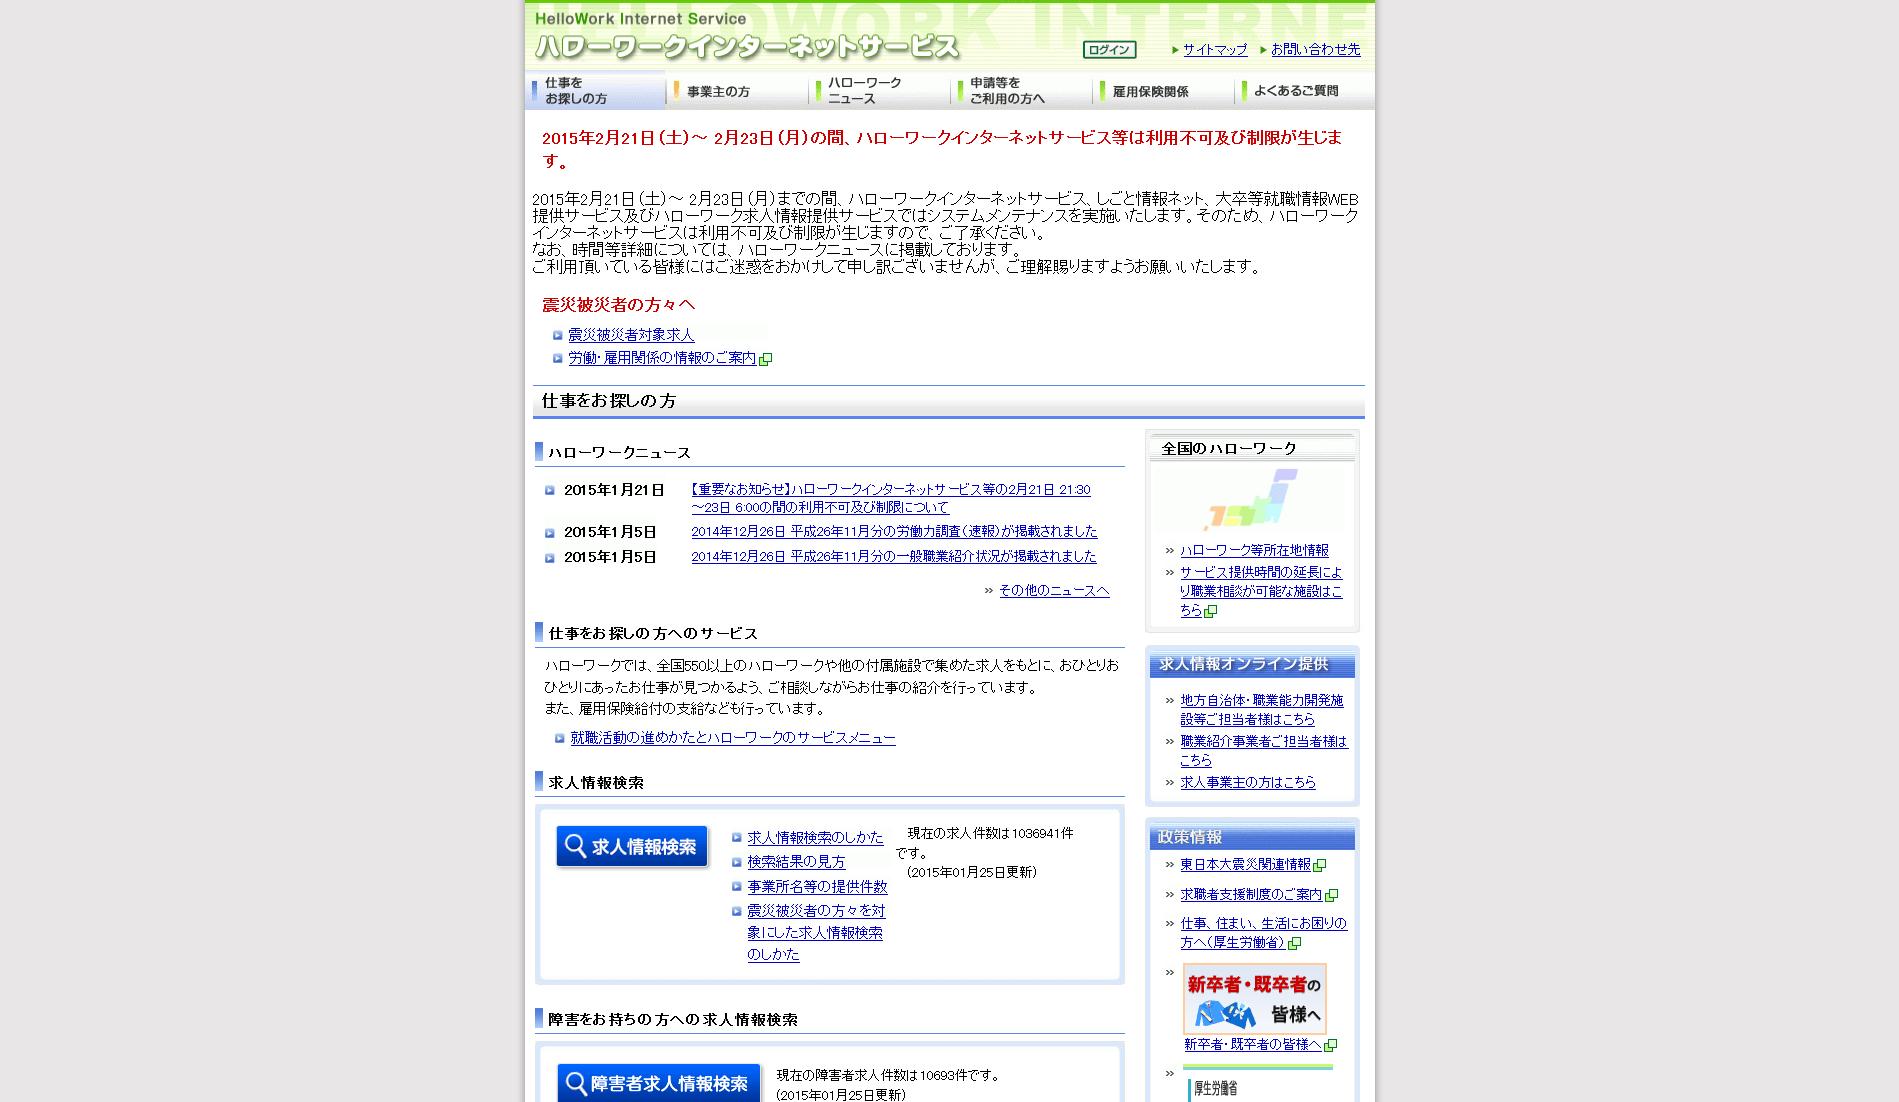 ハローワークインターネットサービス - ハローワークインターネットサービストップ(仕事をお探しの方)